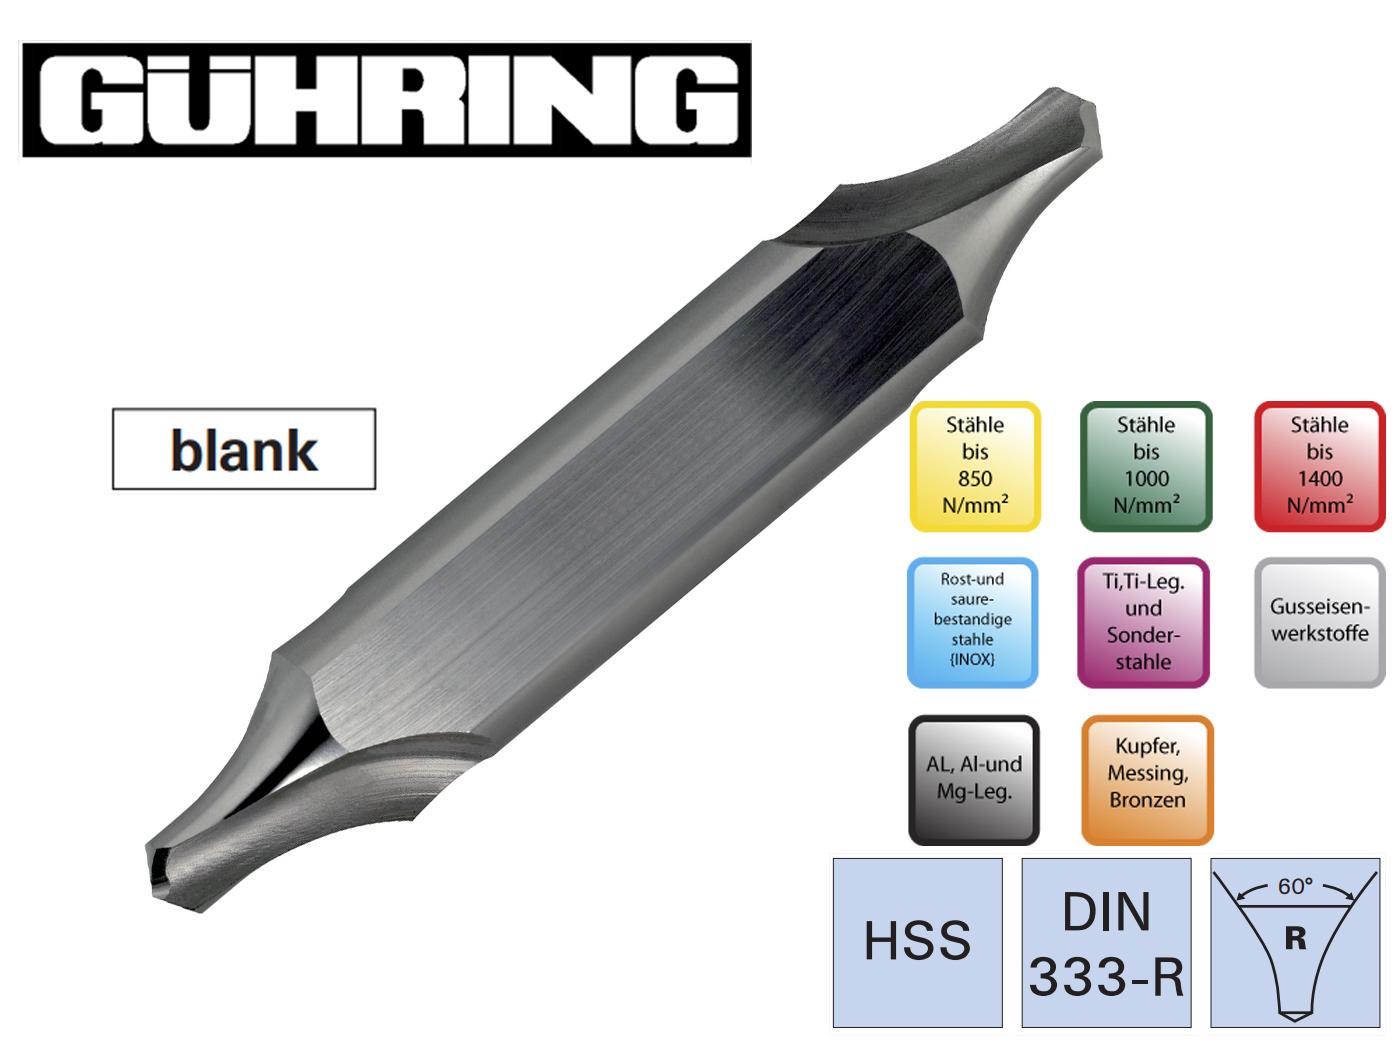 Centreerboren met vlak DIN 333 R Ghuring   DKMTools - DKM Tools